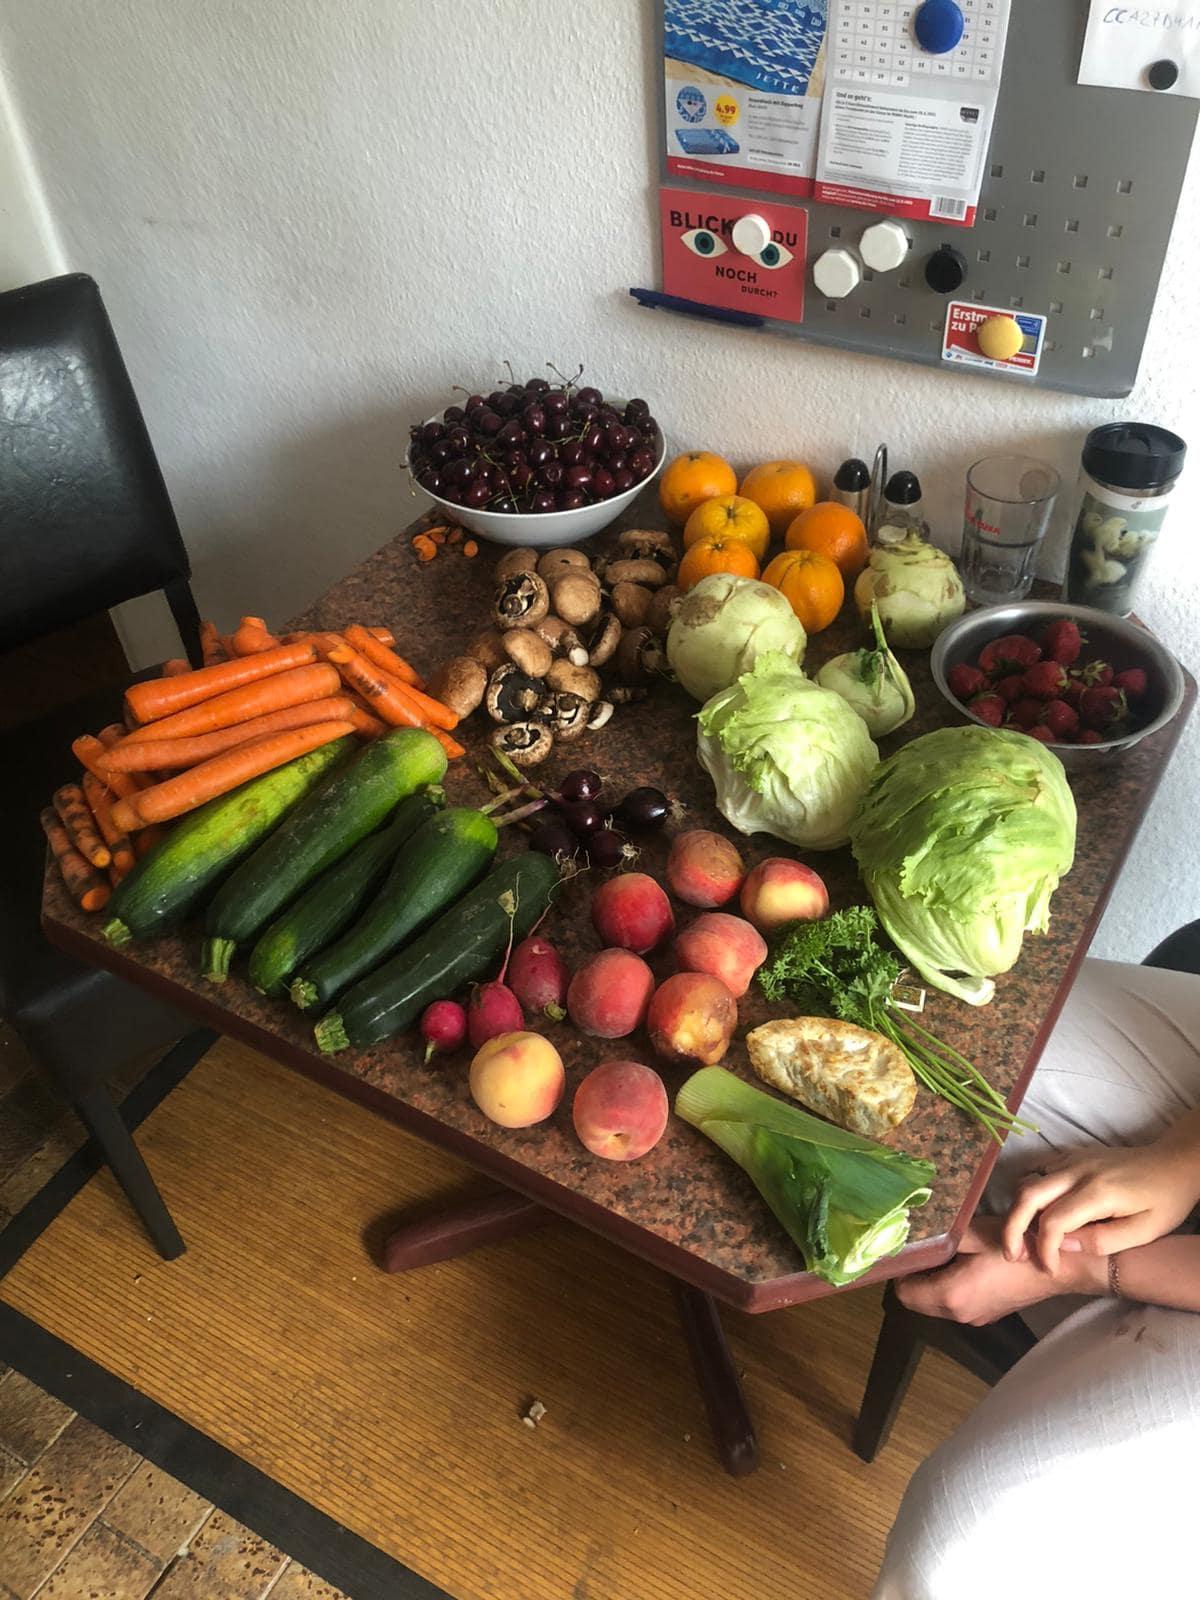 Obst und Gemüse liegen auf einem Esstisch.